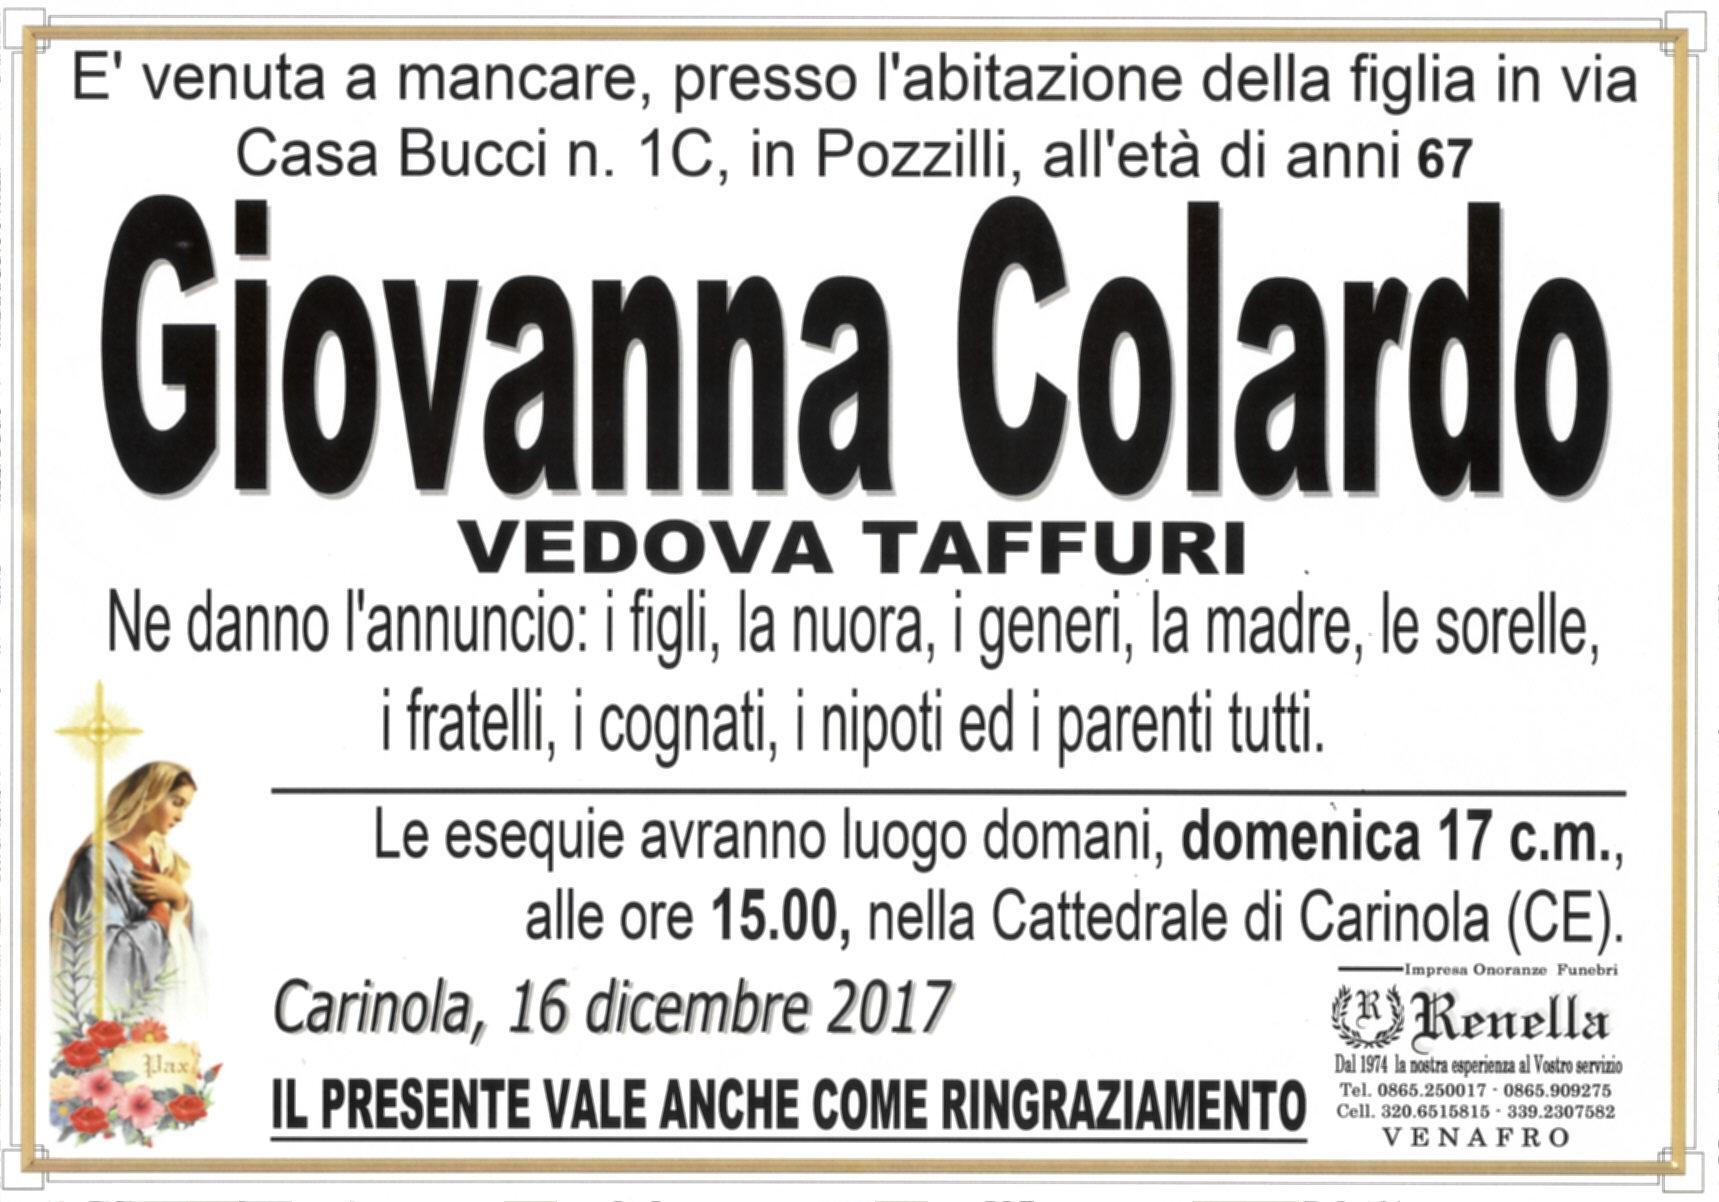 Giovanna Colardo, 16/12/2017, Carinola (CE) – Onoranze Funebri Renella (Venafro)